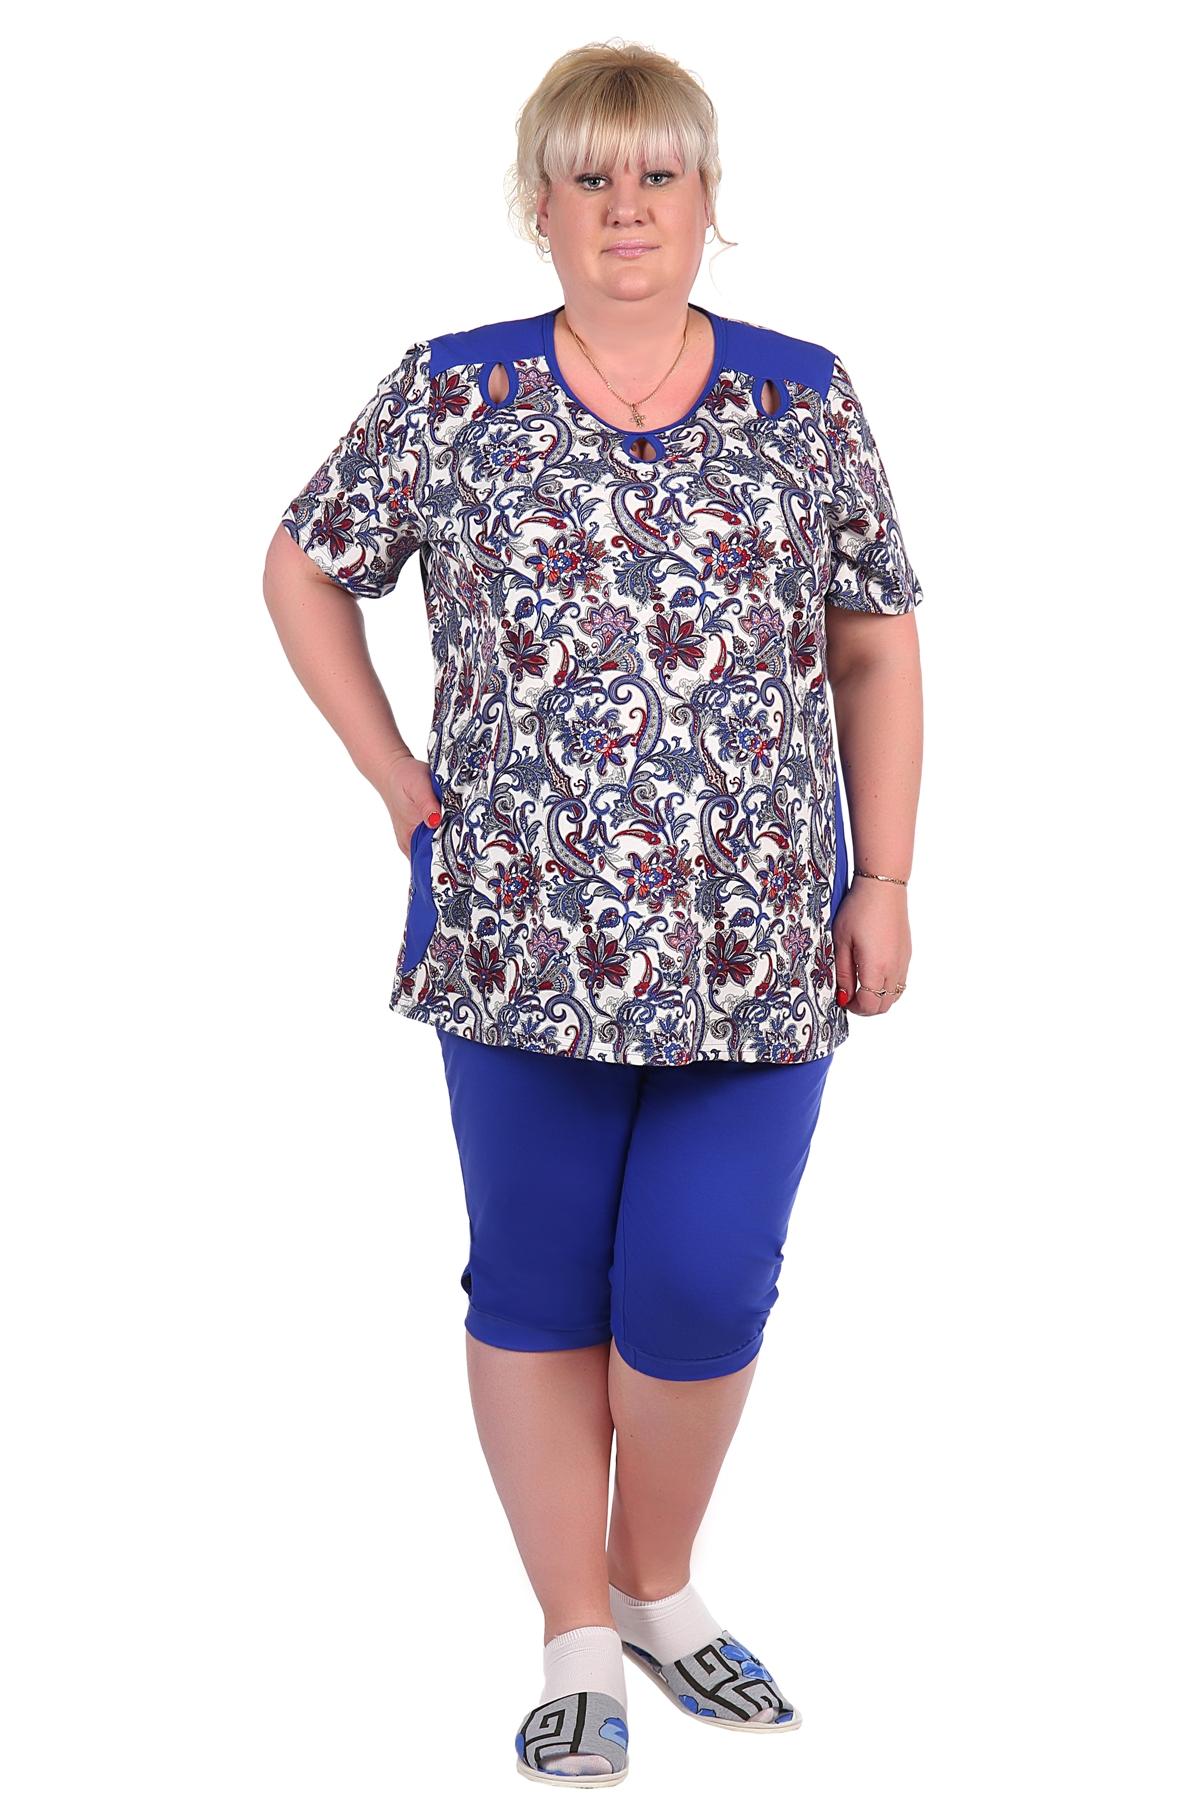 Жен. костюм арт. 16-0126 Синий р. 72Костюмы<br><br><br>Тип: Жен. костюм<br>Размер: 72<br>Материал: Кулирка